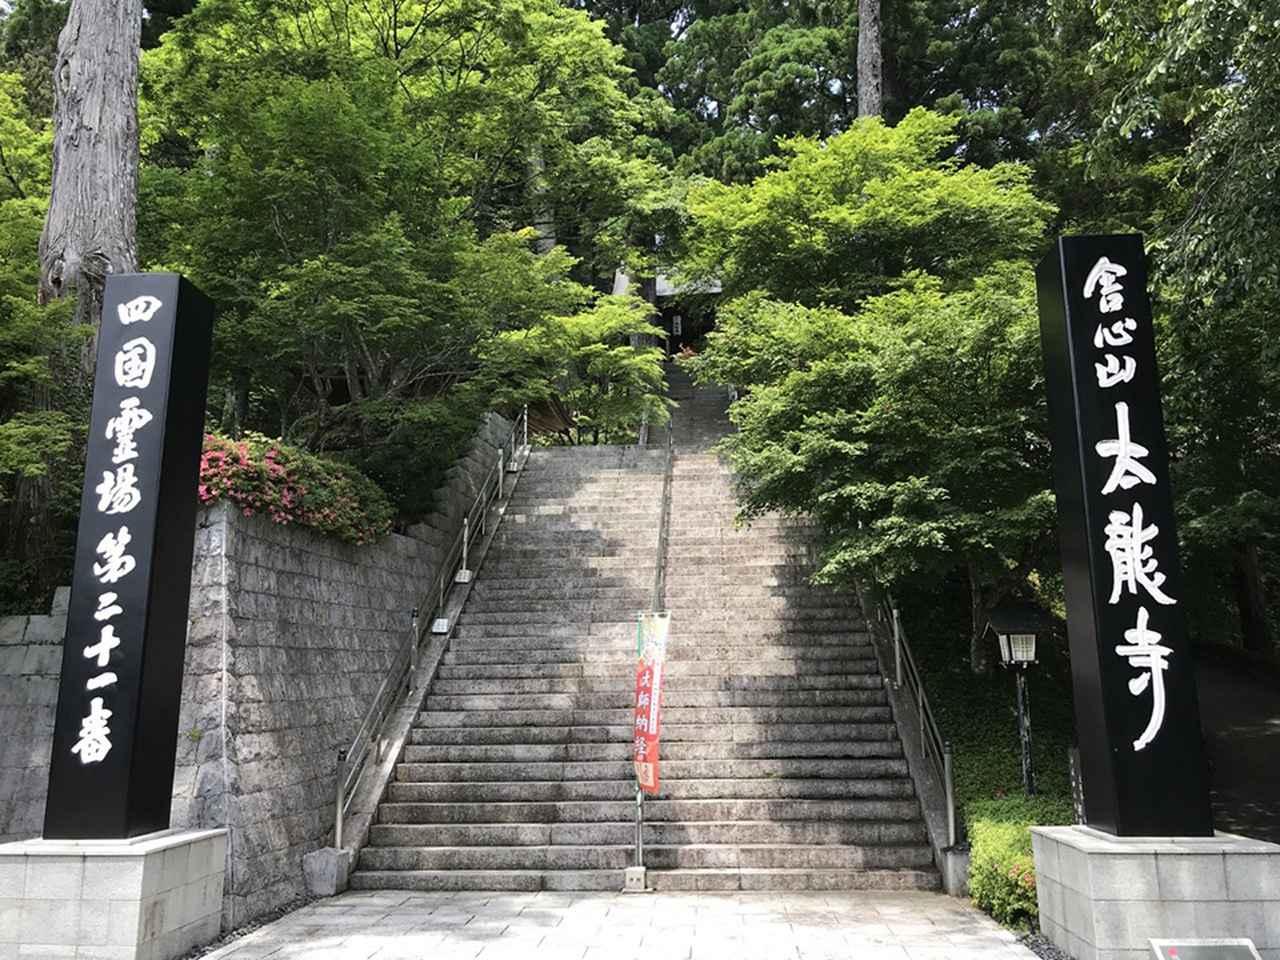 画像2: もう1歩先へ、徳島の魅力を再発見する旅